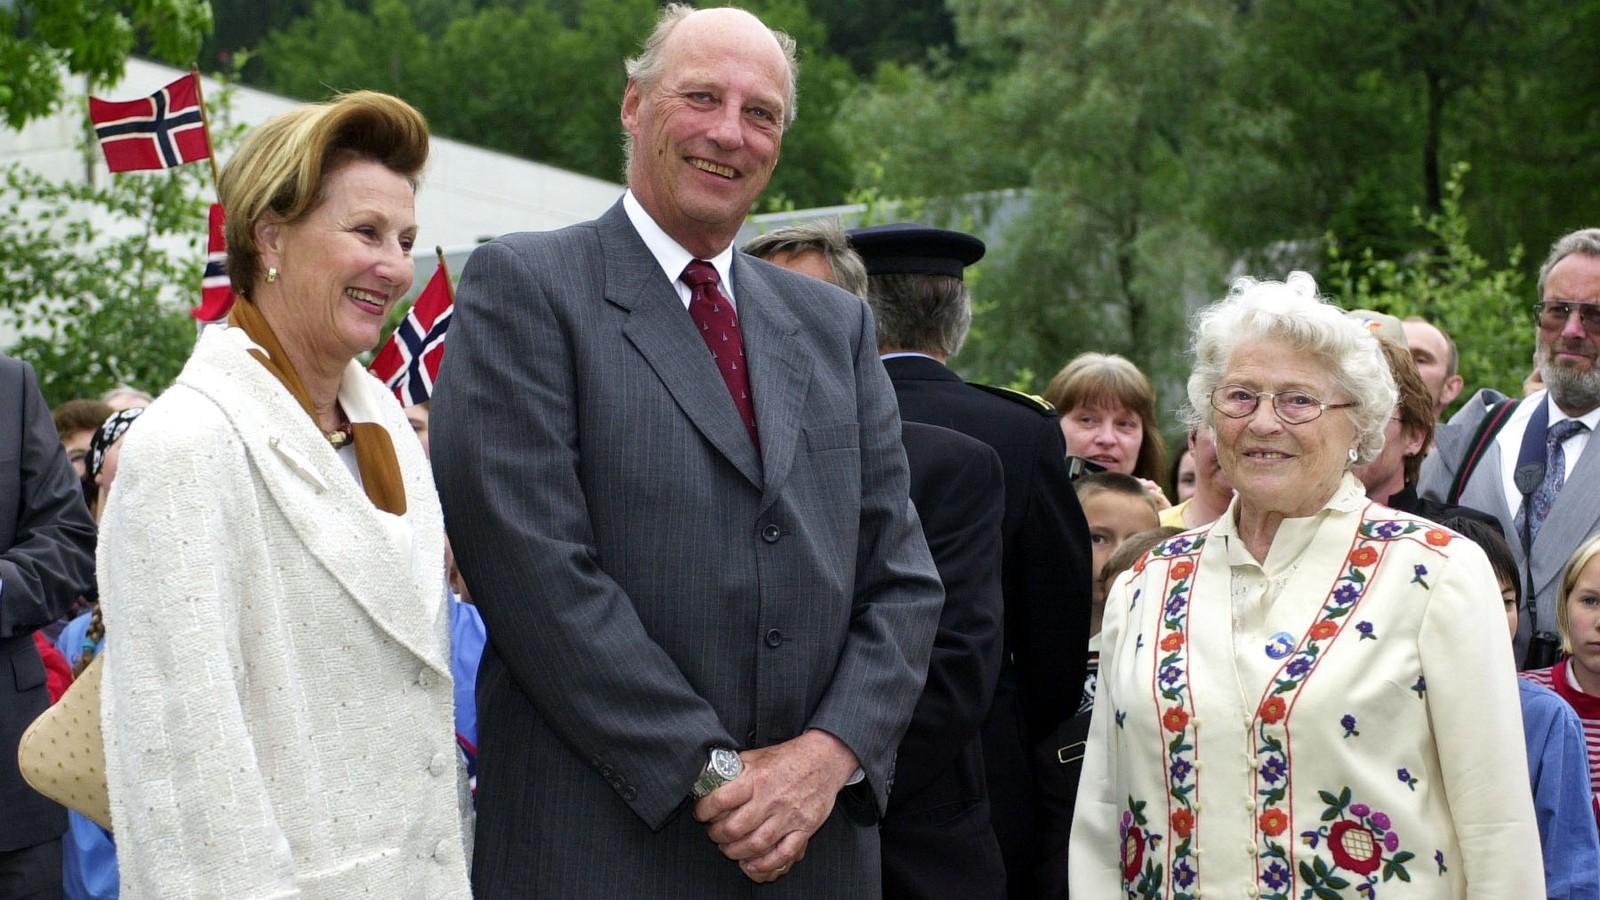 HYLLESTAD: 11. juni 2002 fekk Aslaug Risnes, enke etter oberstløytnant Harald Risnes, møte kongeparet. Kongen la ned krans på minnestøtta for krigshelten.